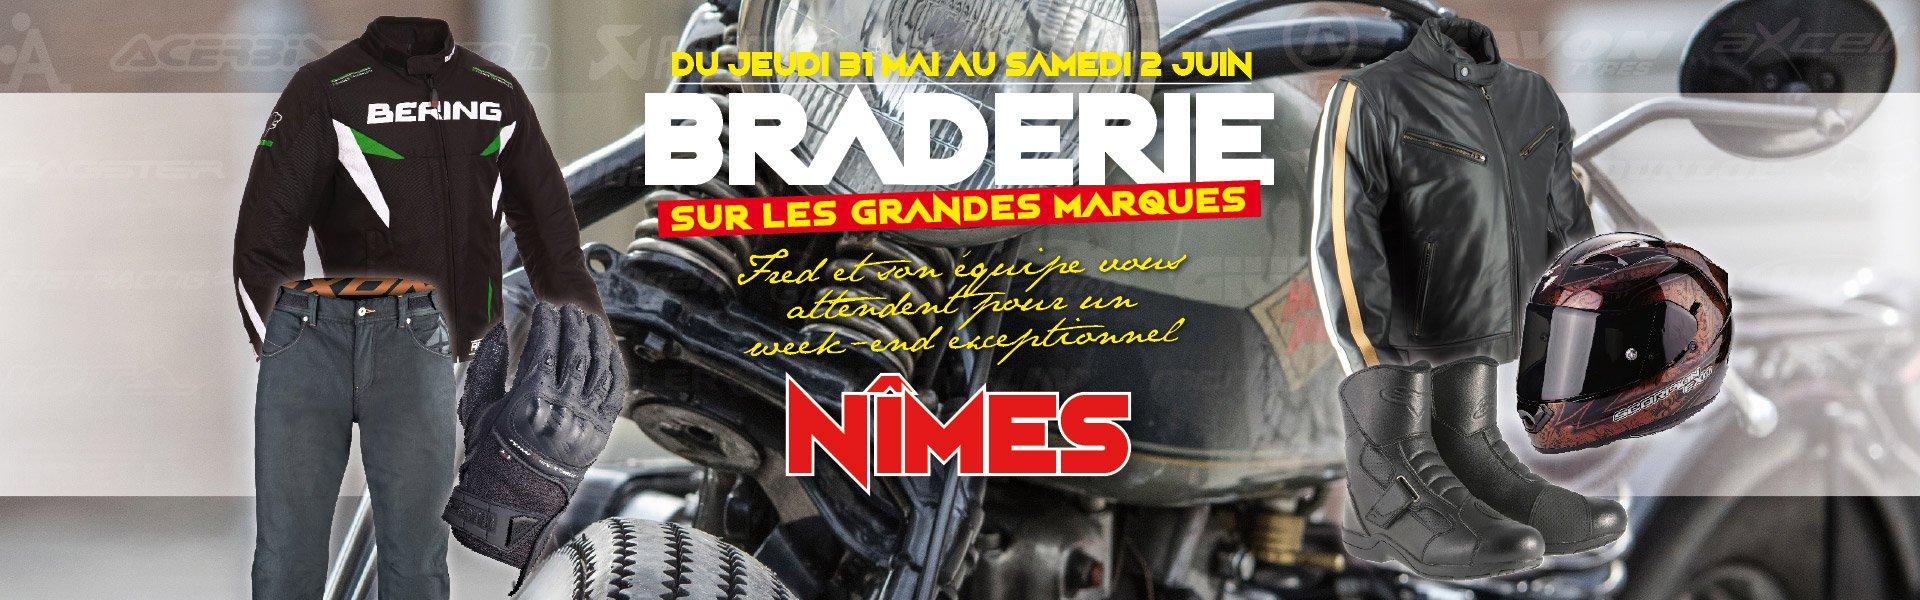 Braderie Cardy Nimes 2018